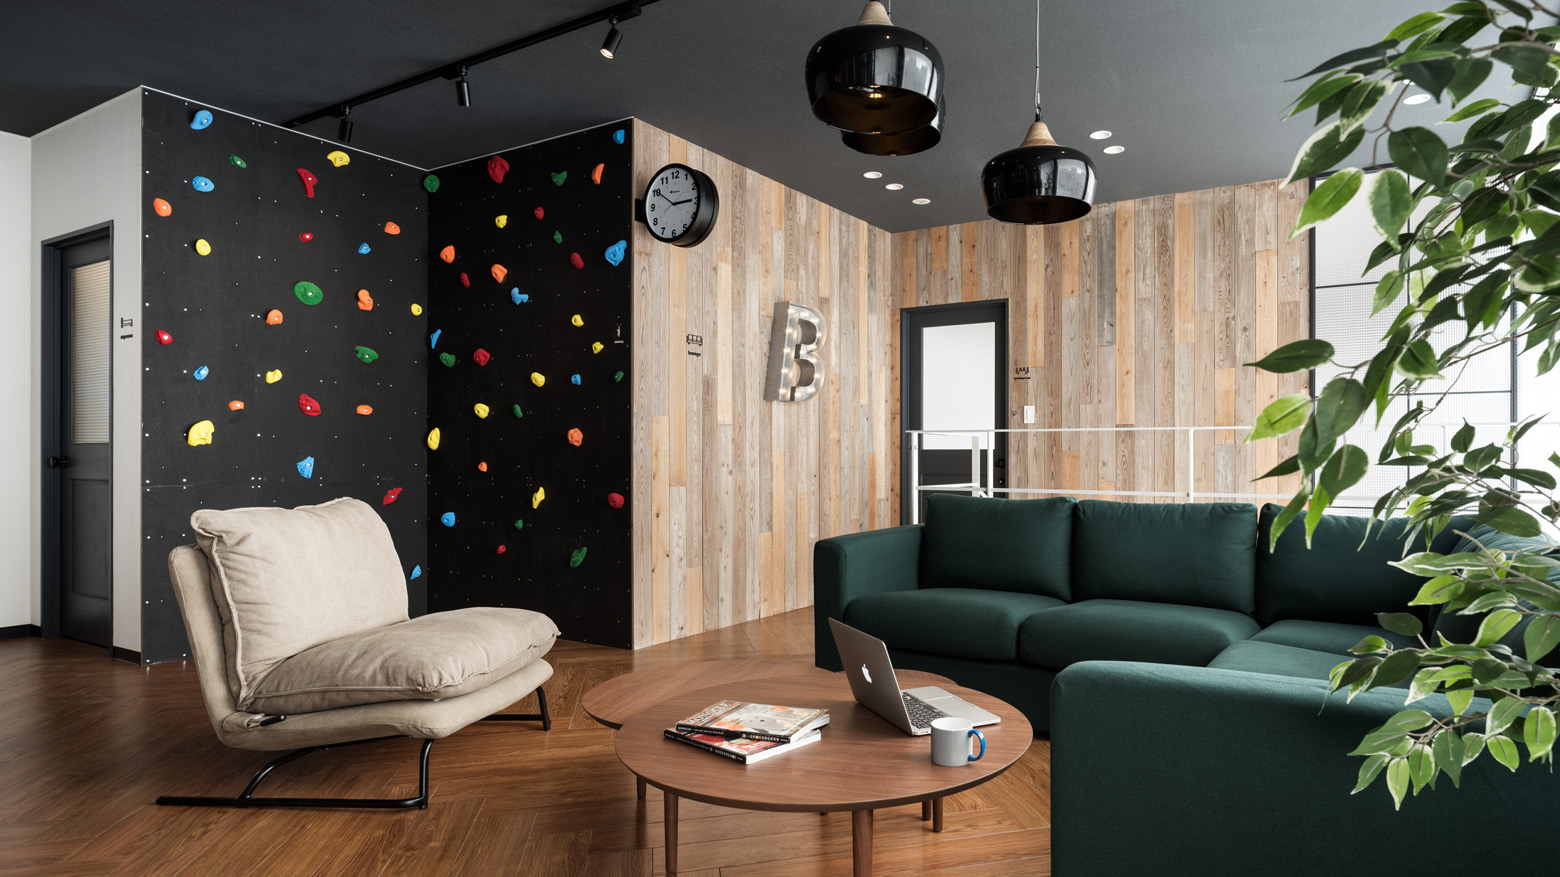 ベイラインエクスプレス株式会社壁・壁面